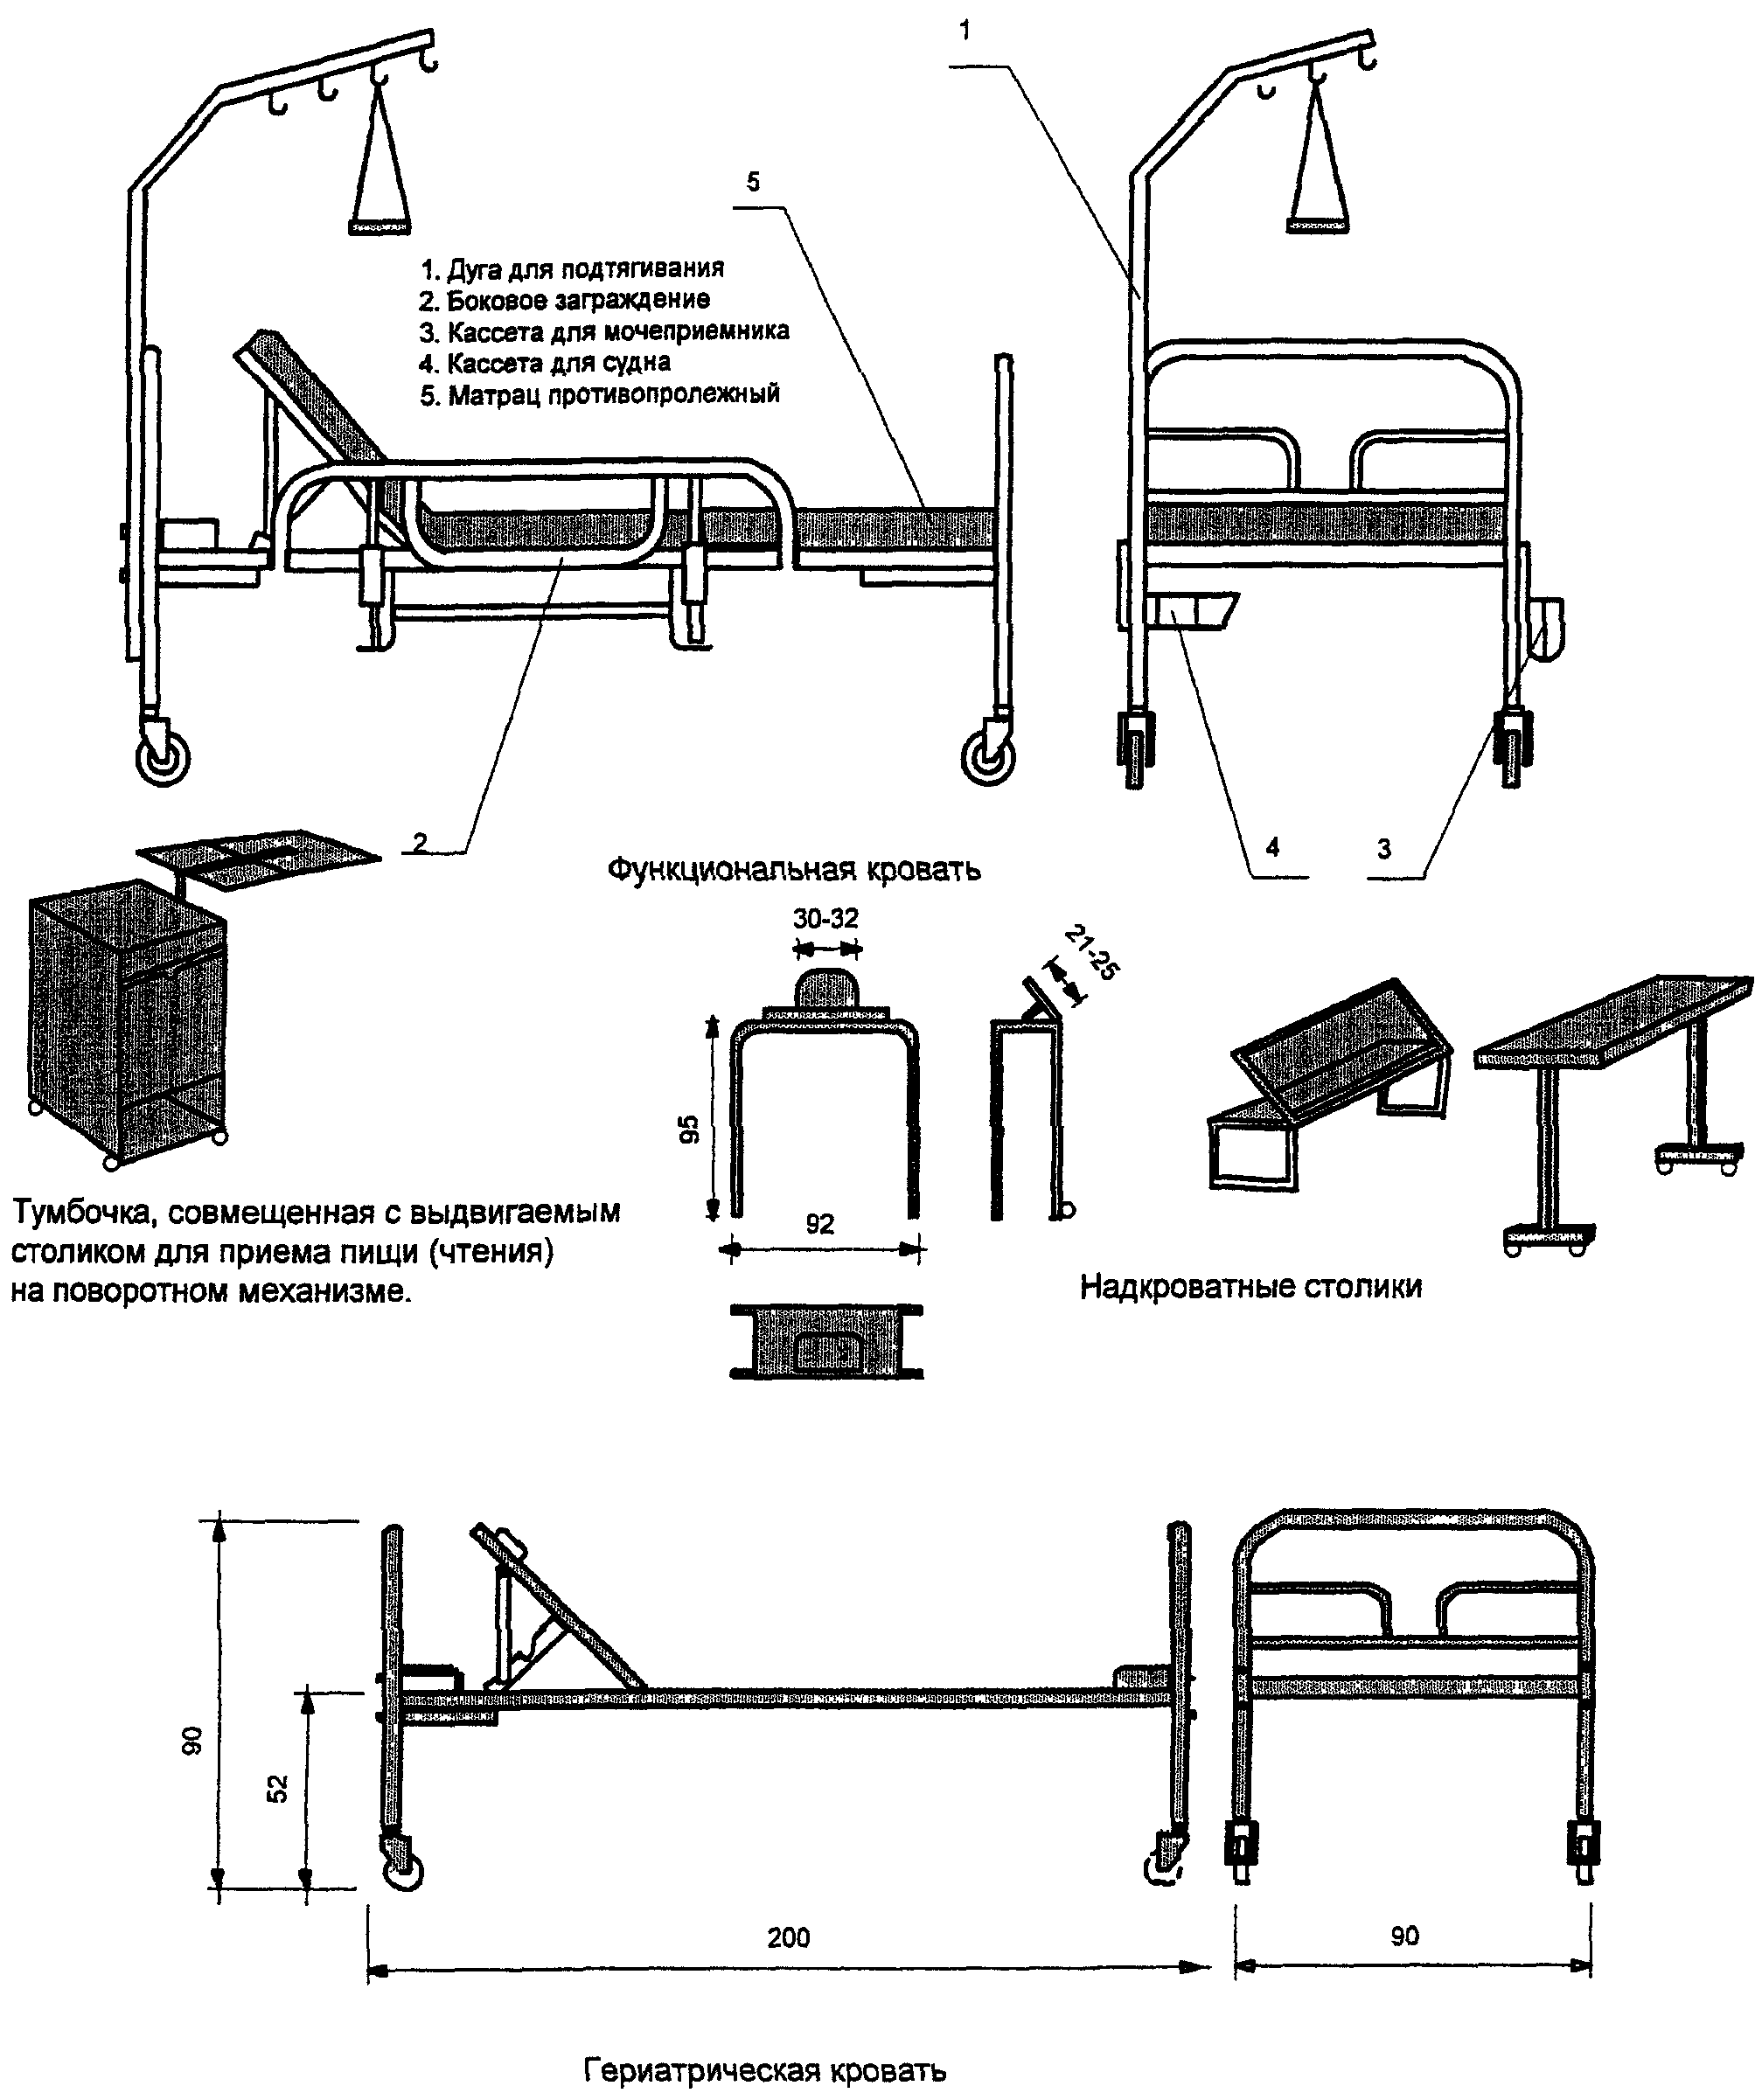 Используемые материалы и механизмы